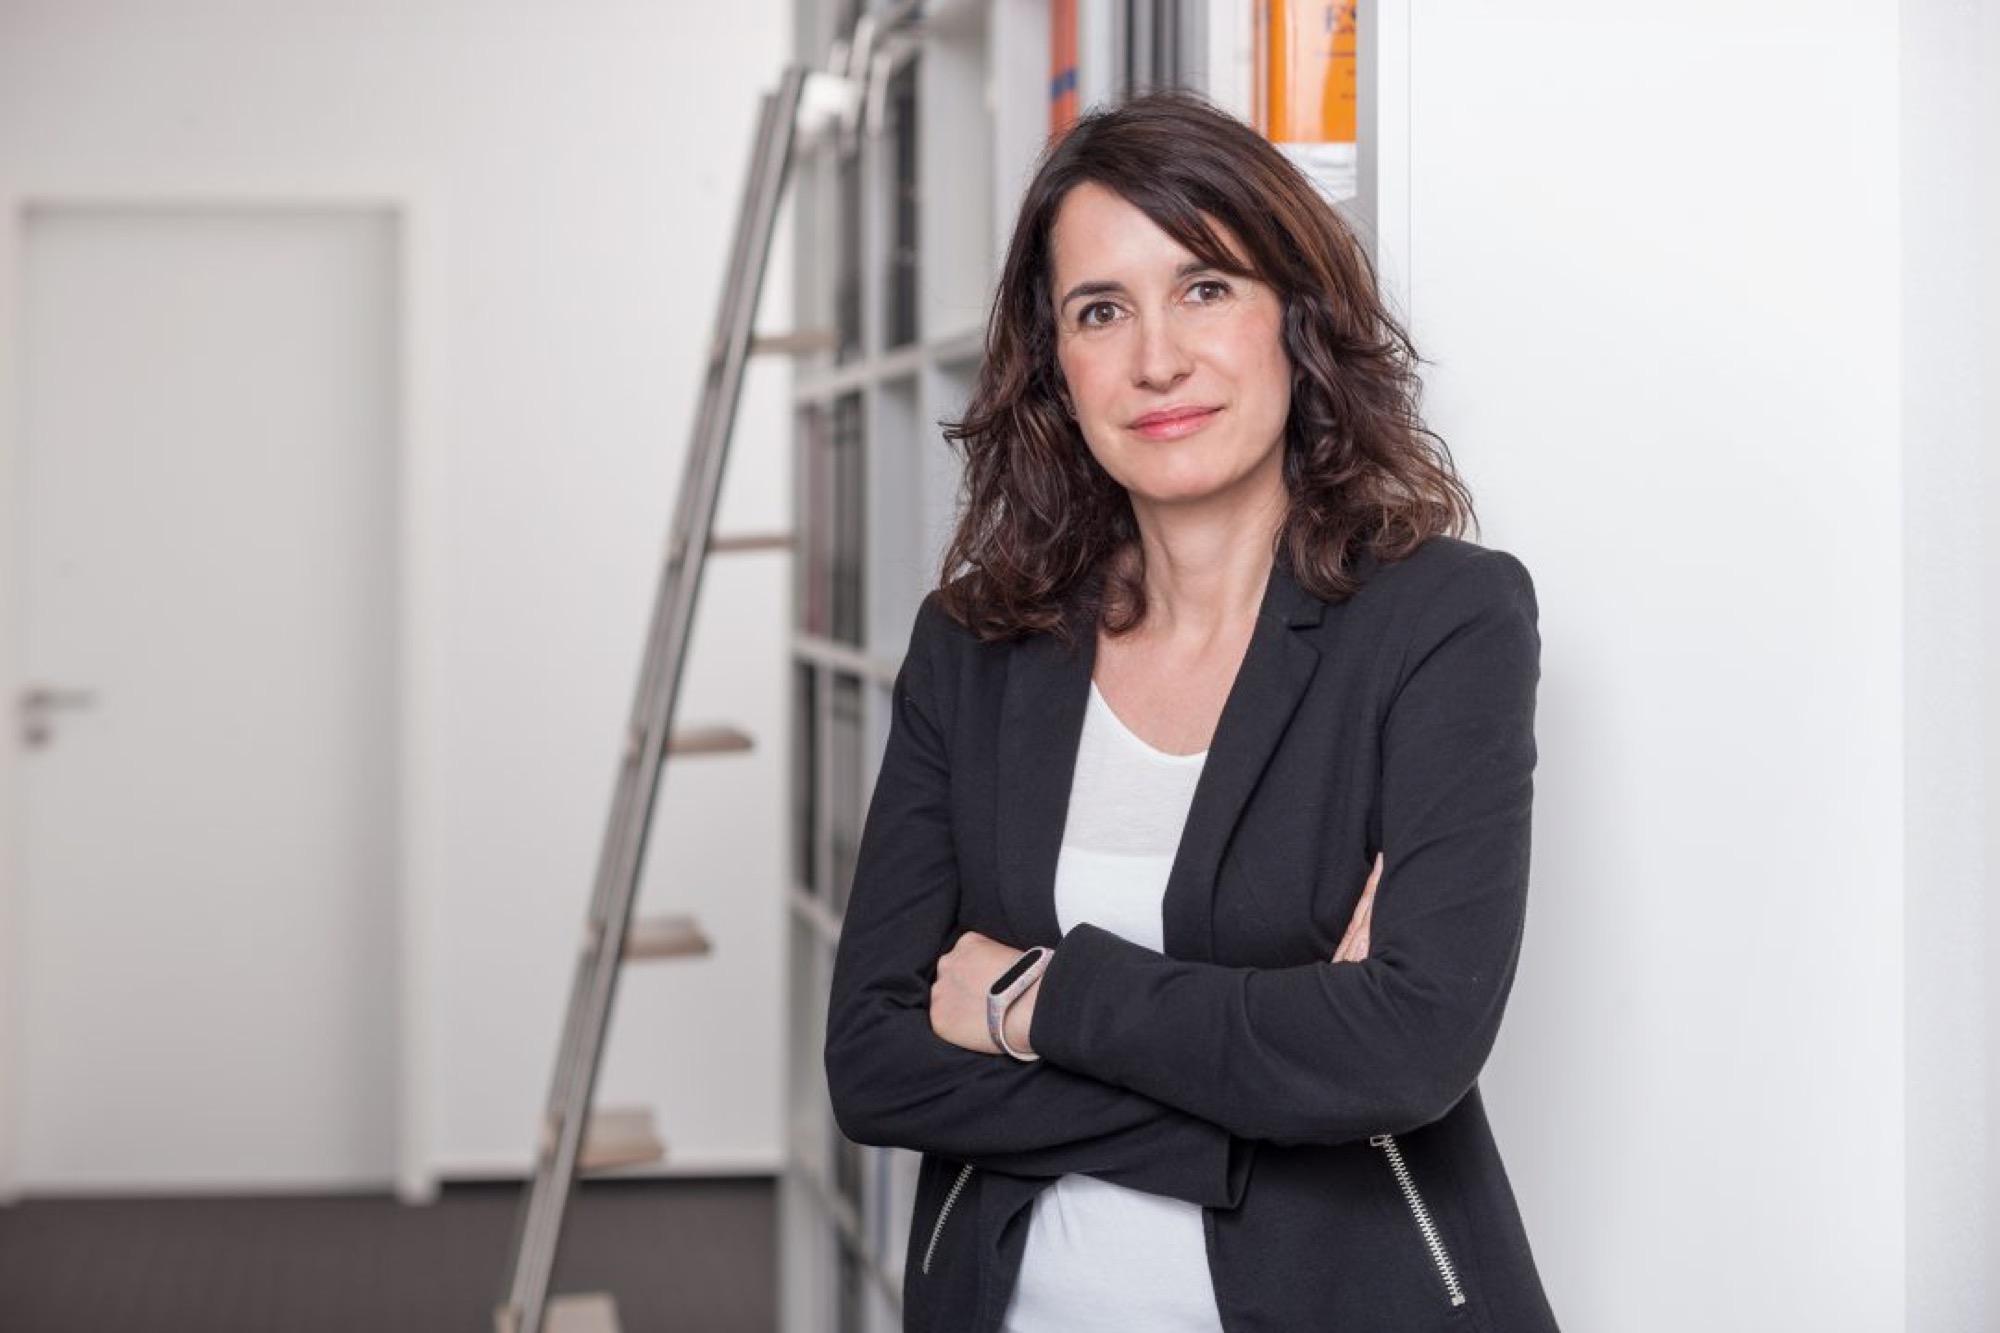 2020-2-5-LR-Silvia Himmelsbach-Himmelsbach und Streif-Wirtschaftsprüfer-Examen-Elena-Schies_008-1080x720